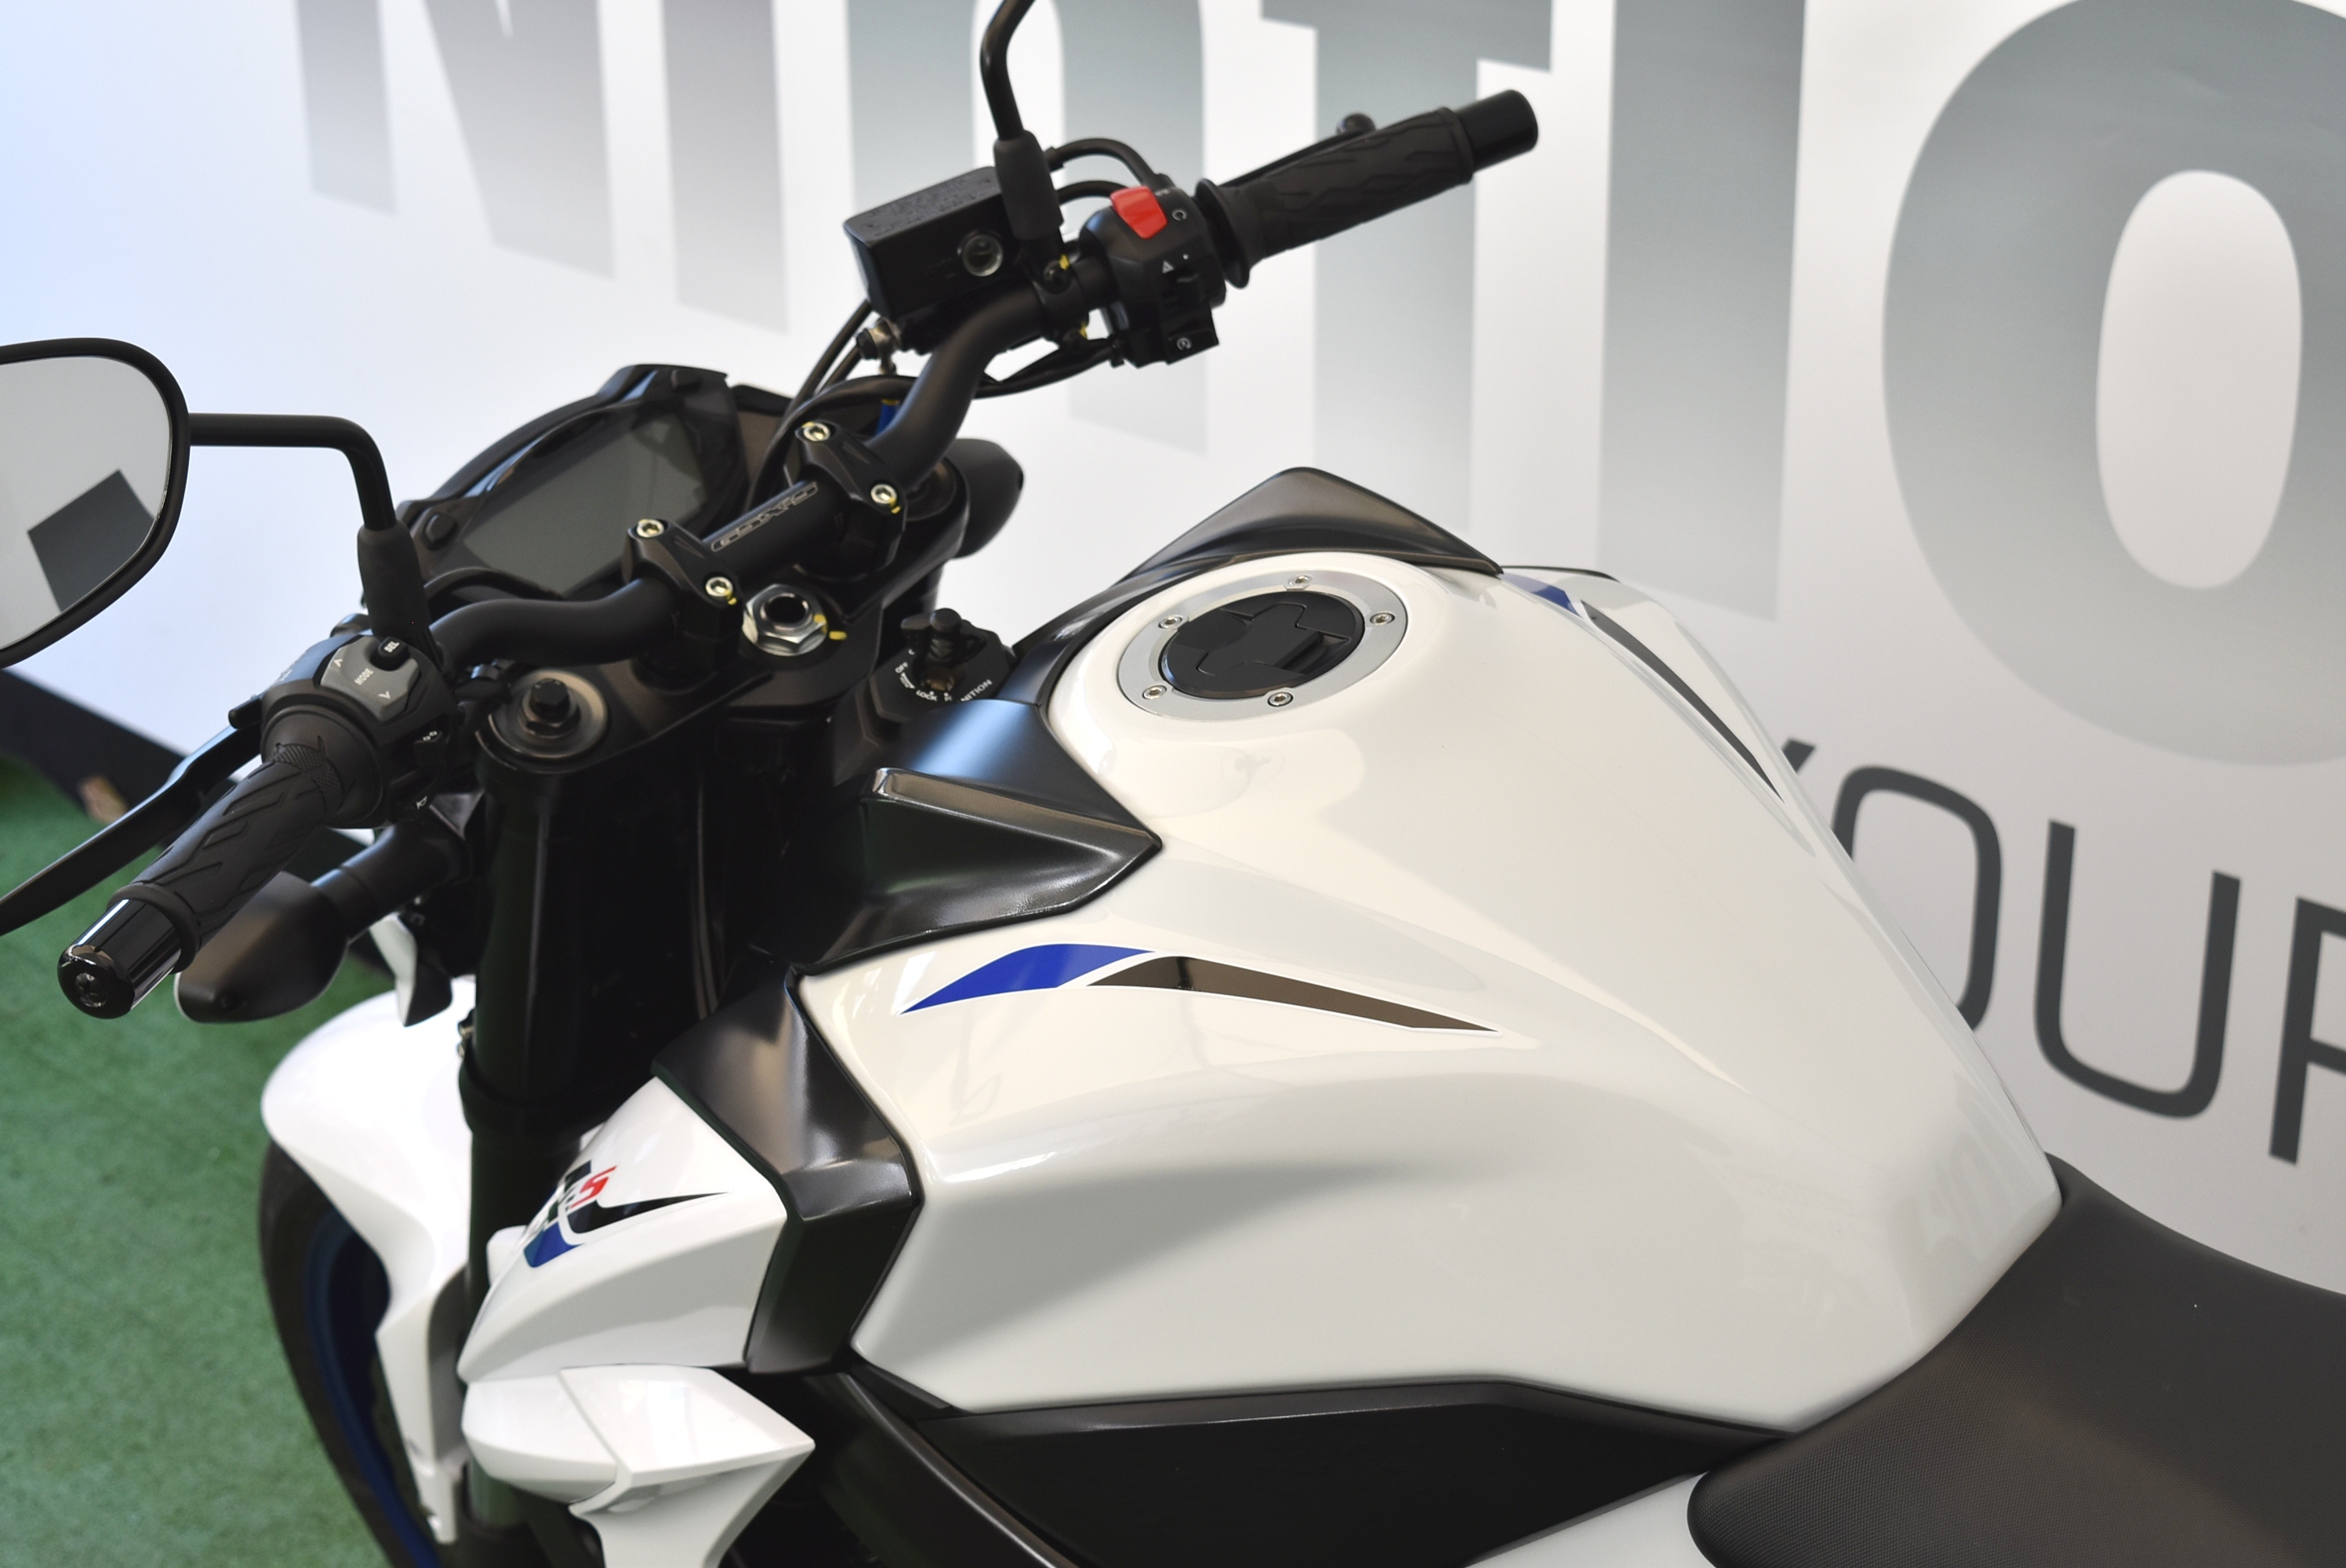 SUZUKI GSX S 750 – 2019